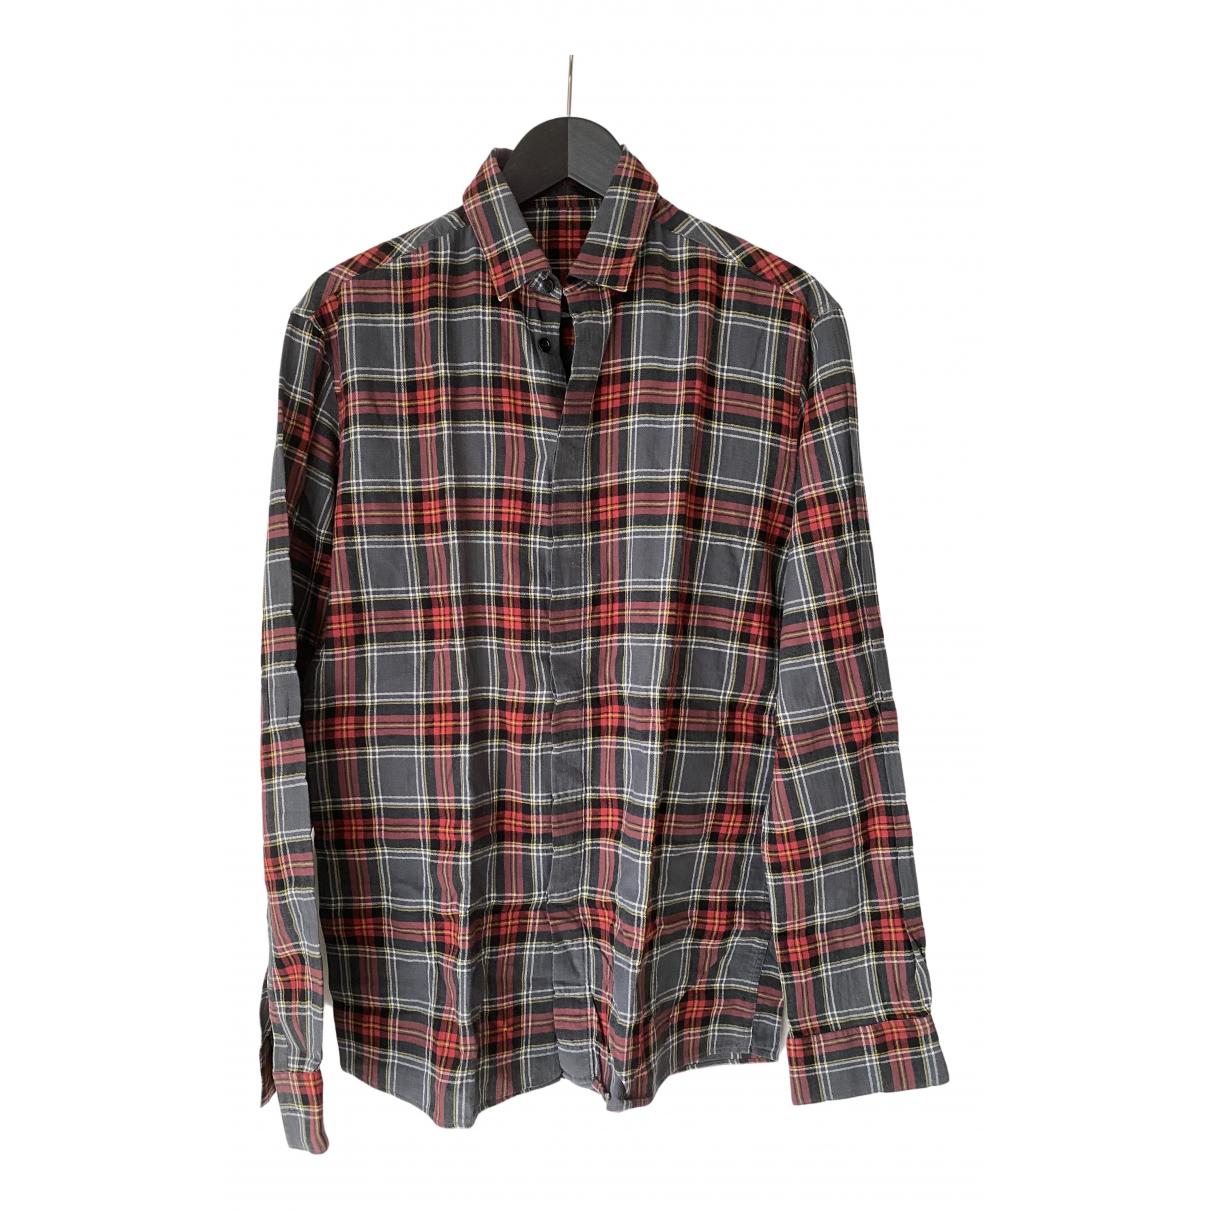 Haider Ackermann - Chemises   pour homme en coton - multicolore